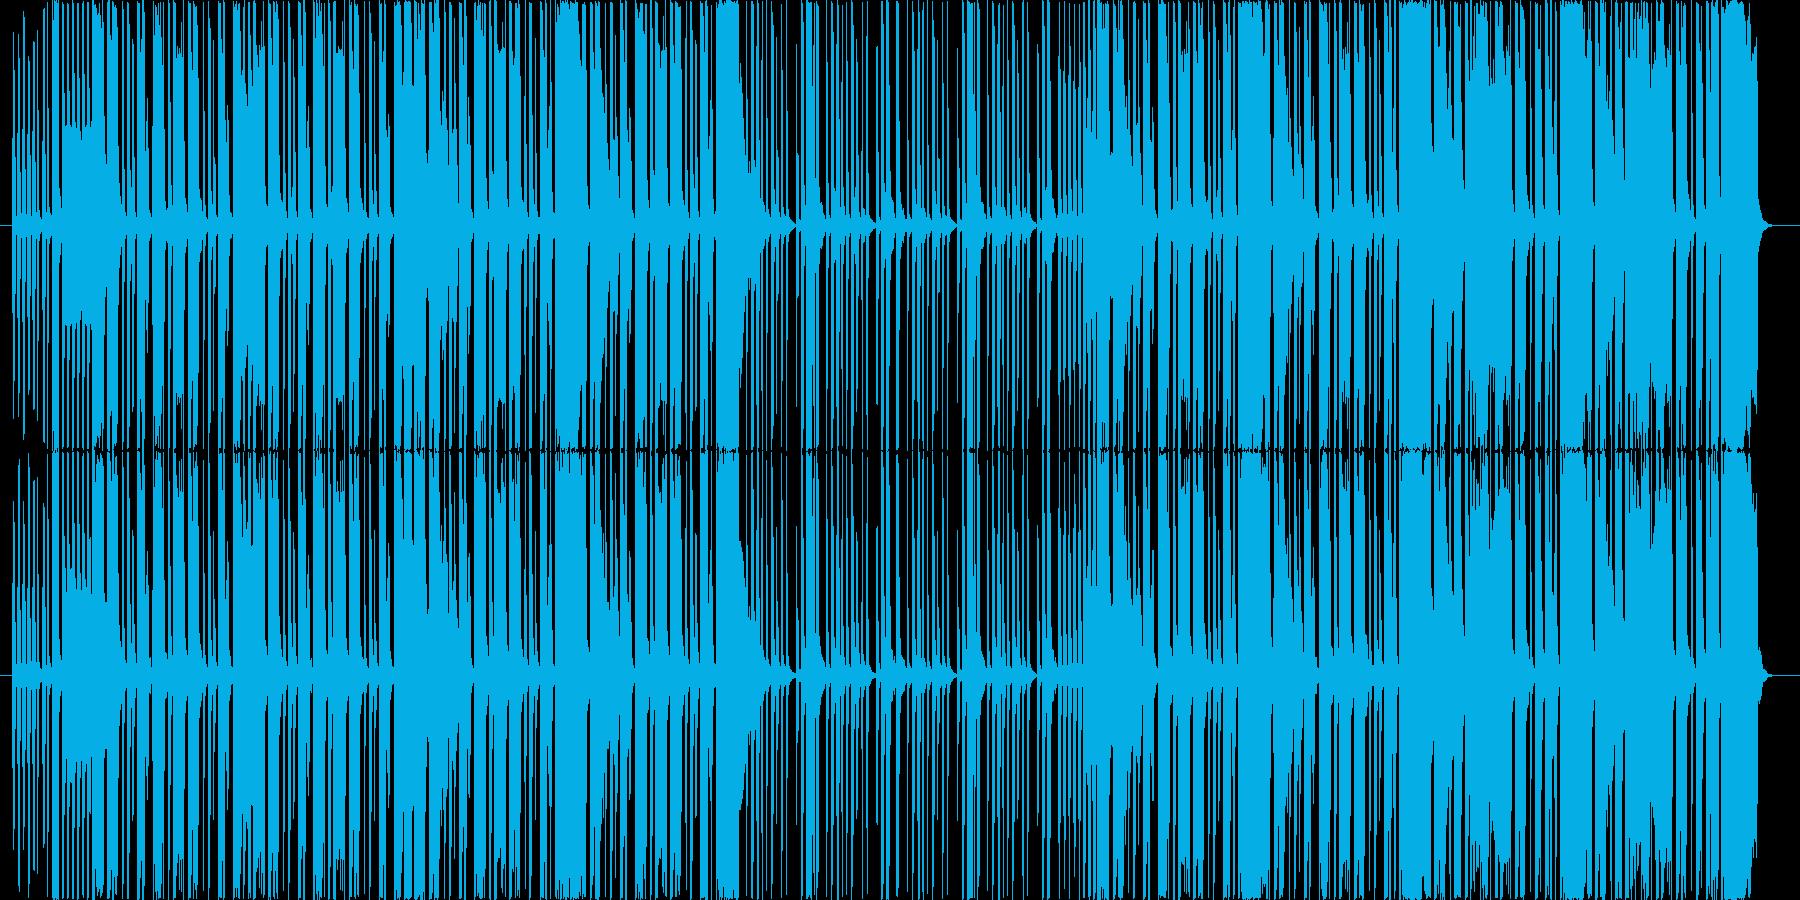 お茶目でコミカル・バカバカしいボイパ曲の再生済みの波形